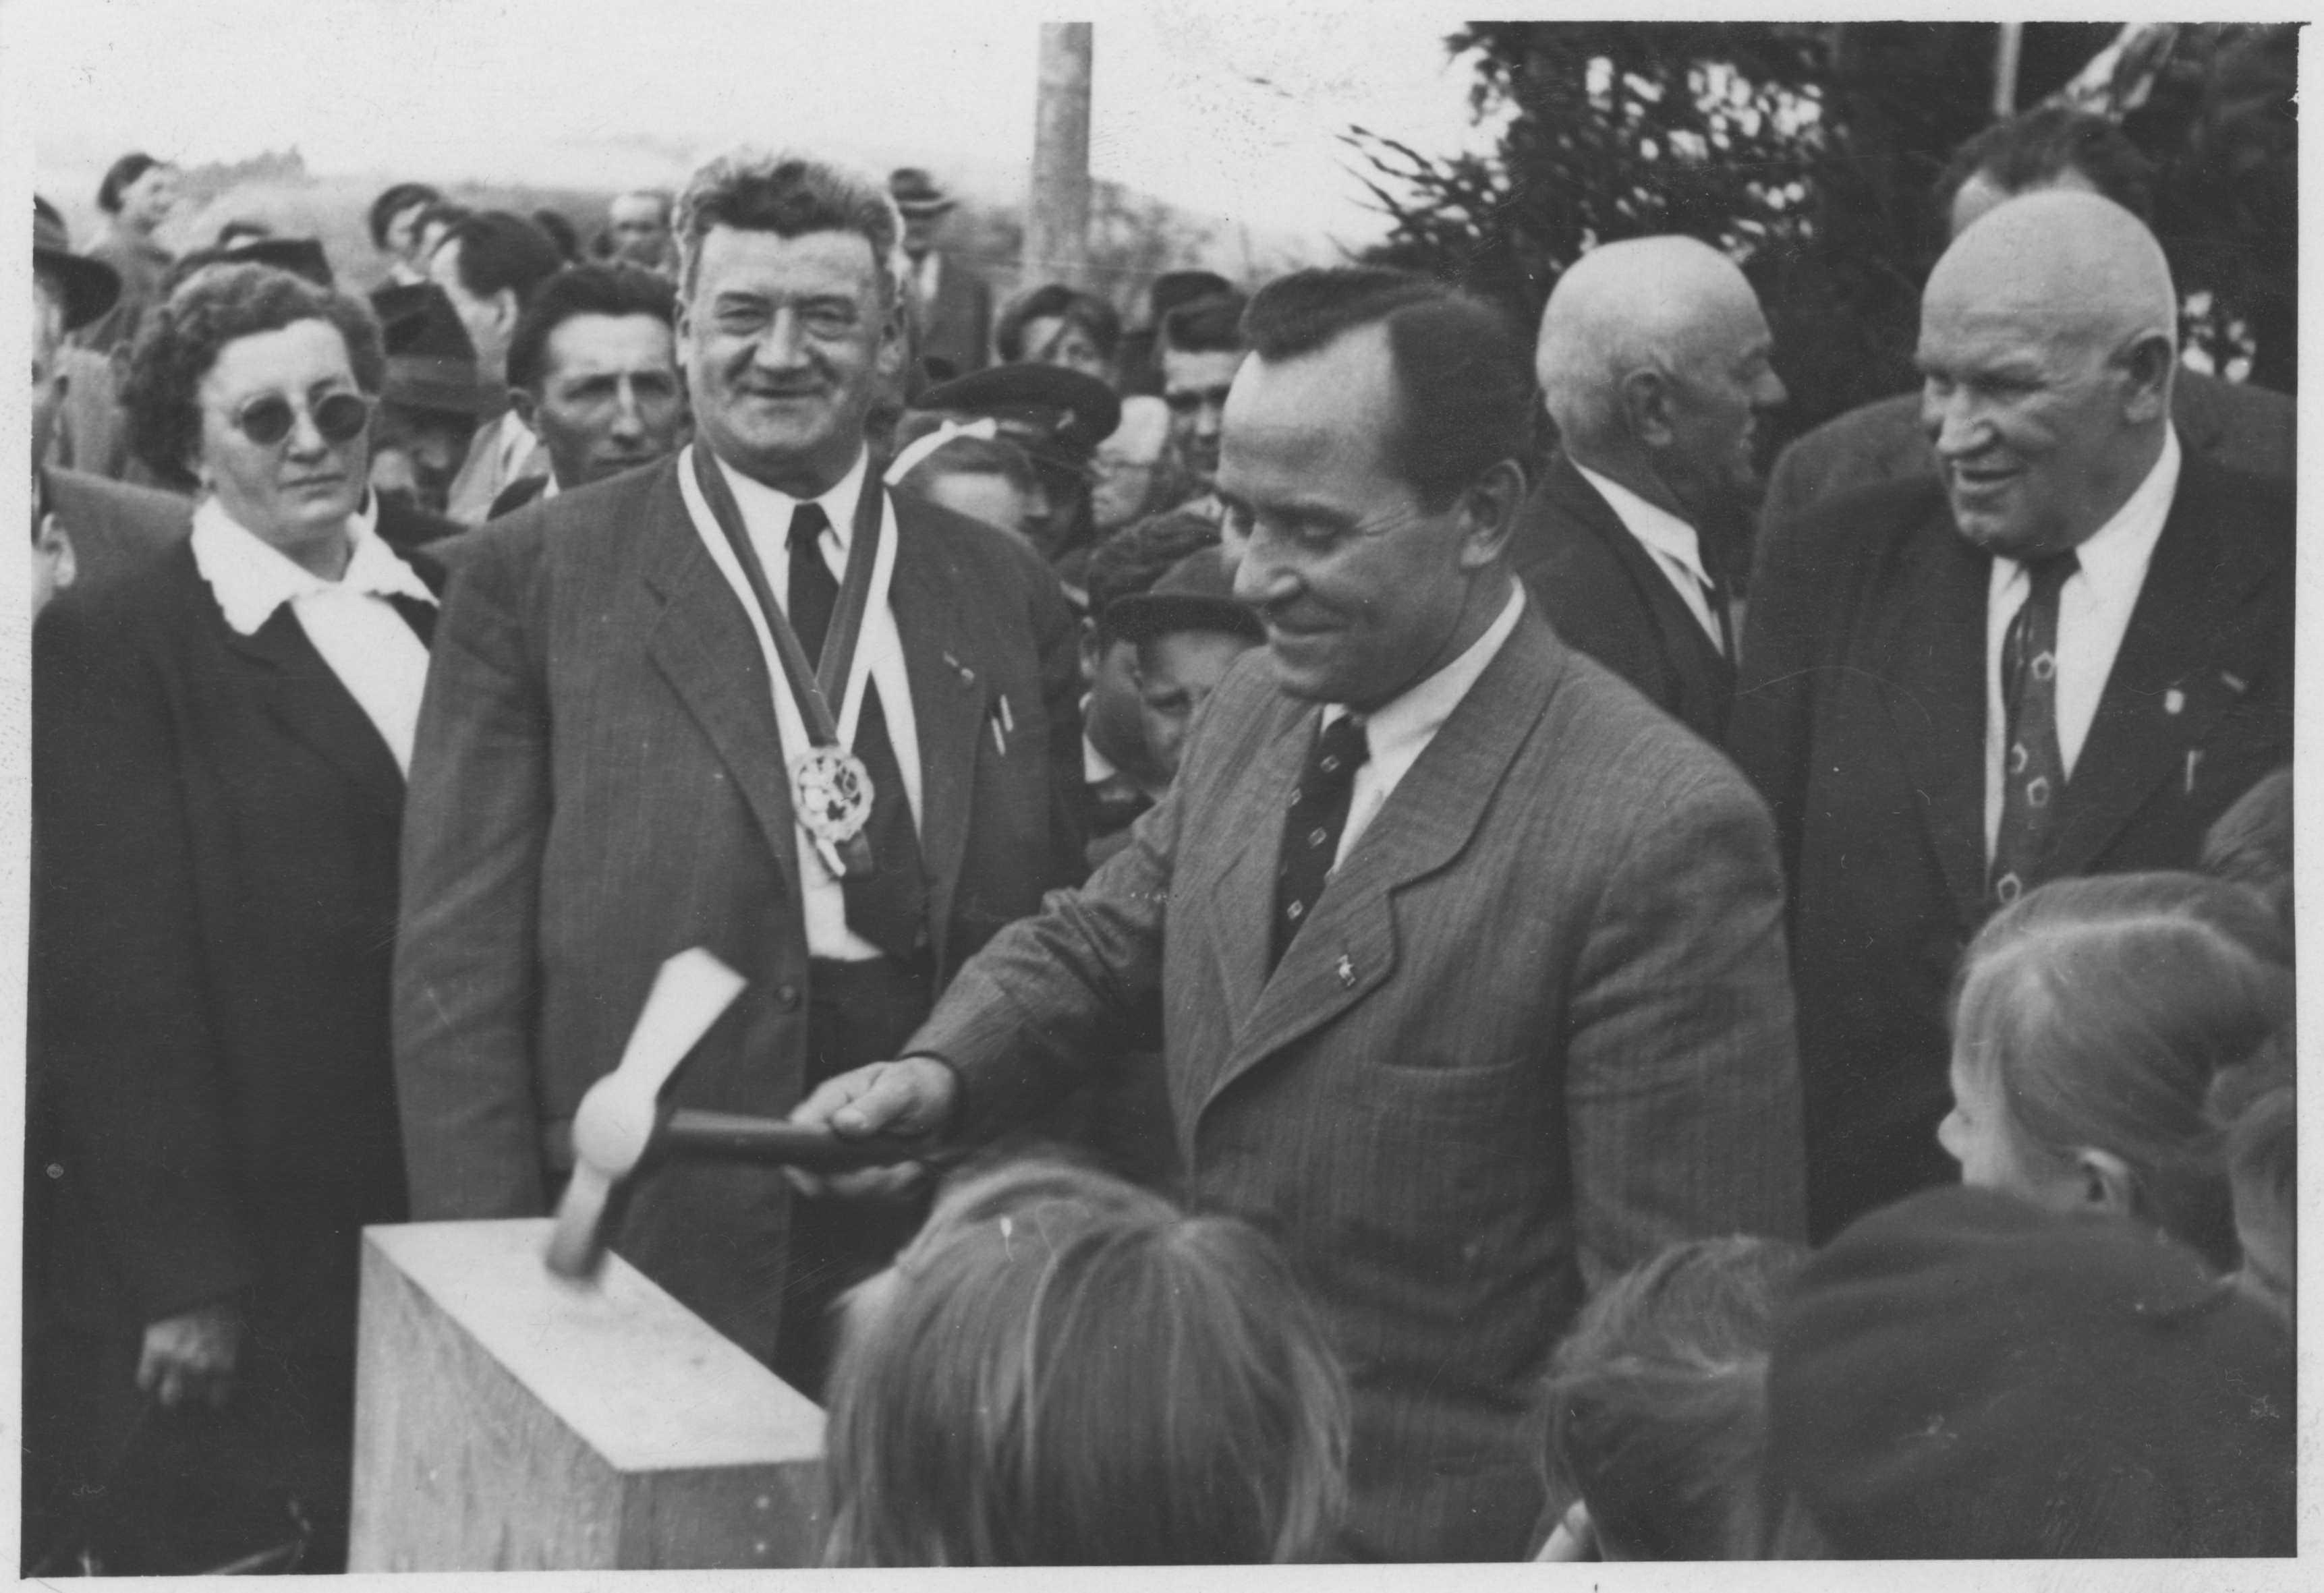 Poklepání základního kamene, 2. května 1954. Skladívkem Rudolf Barák, ministr vnitra, vedle něj Rudolf Musil, předseda ONV Boskovice.